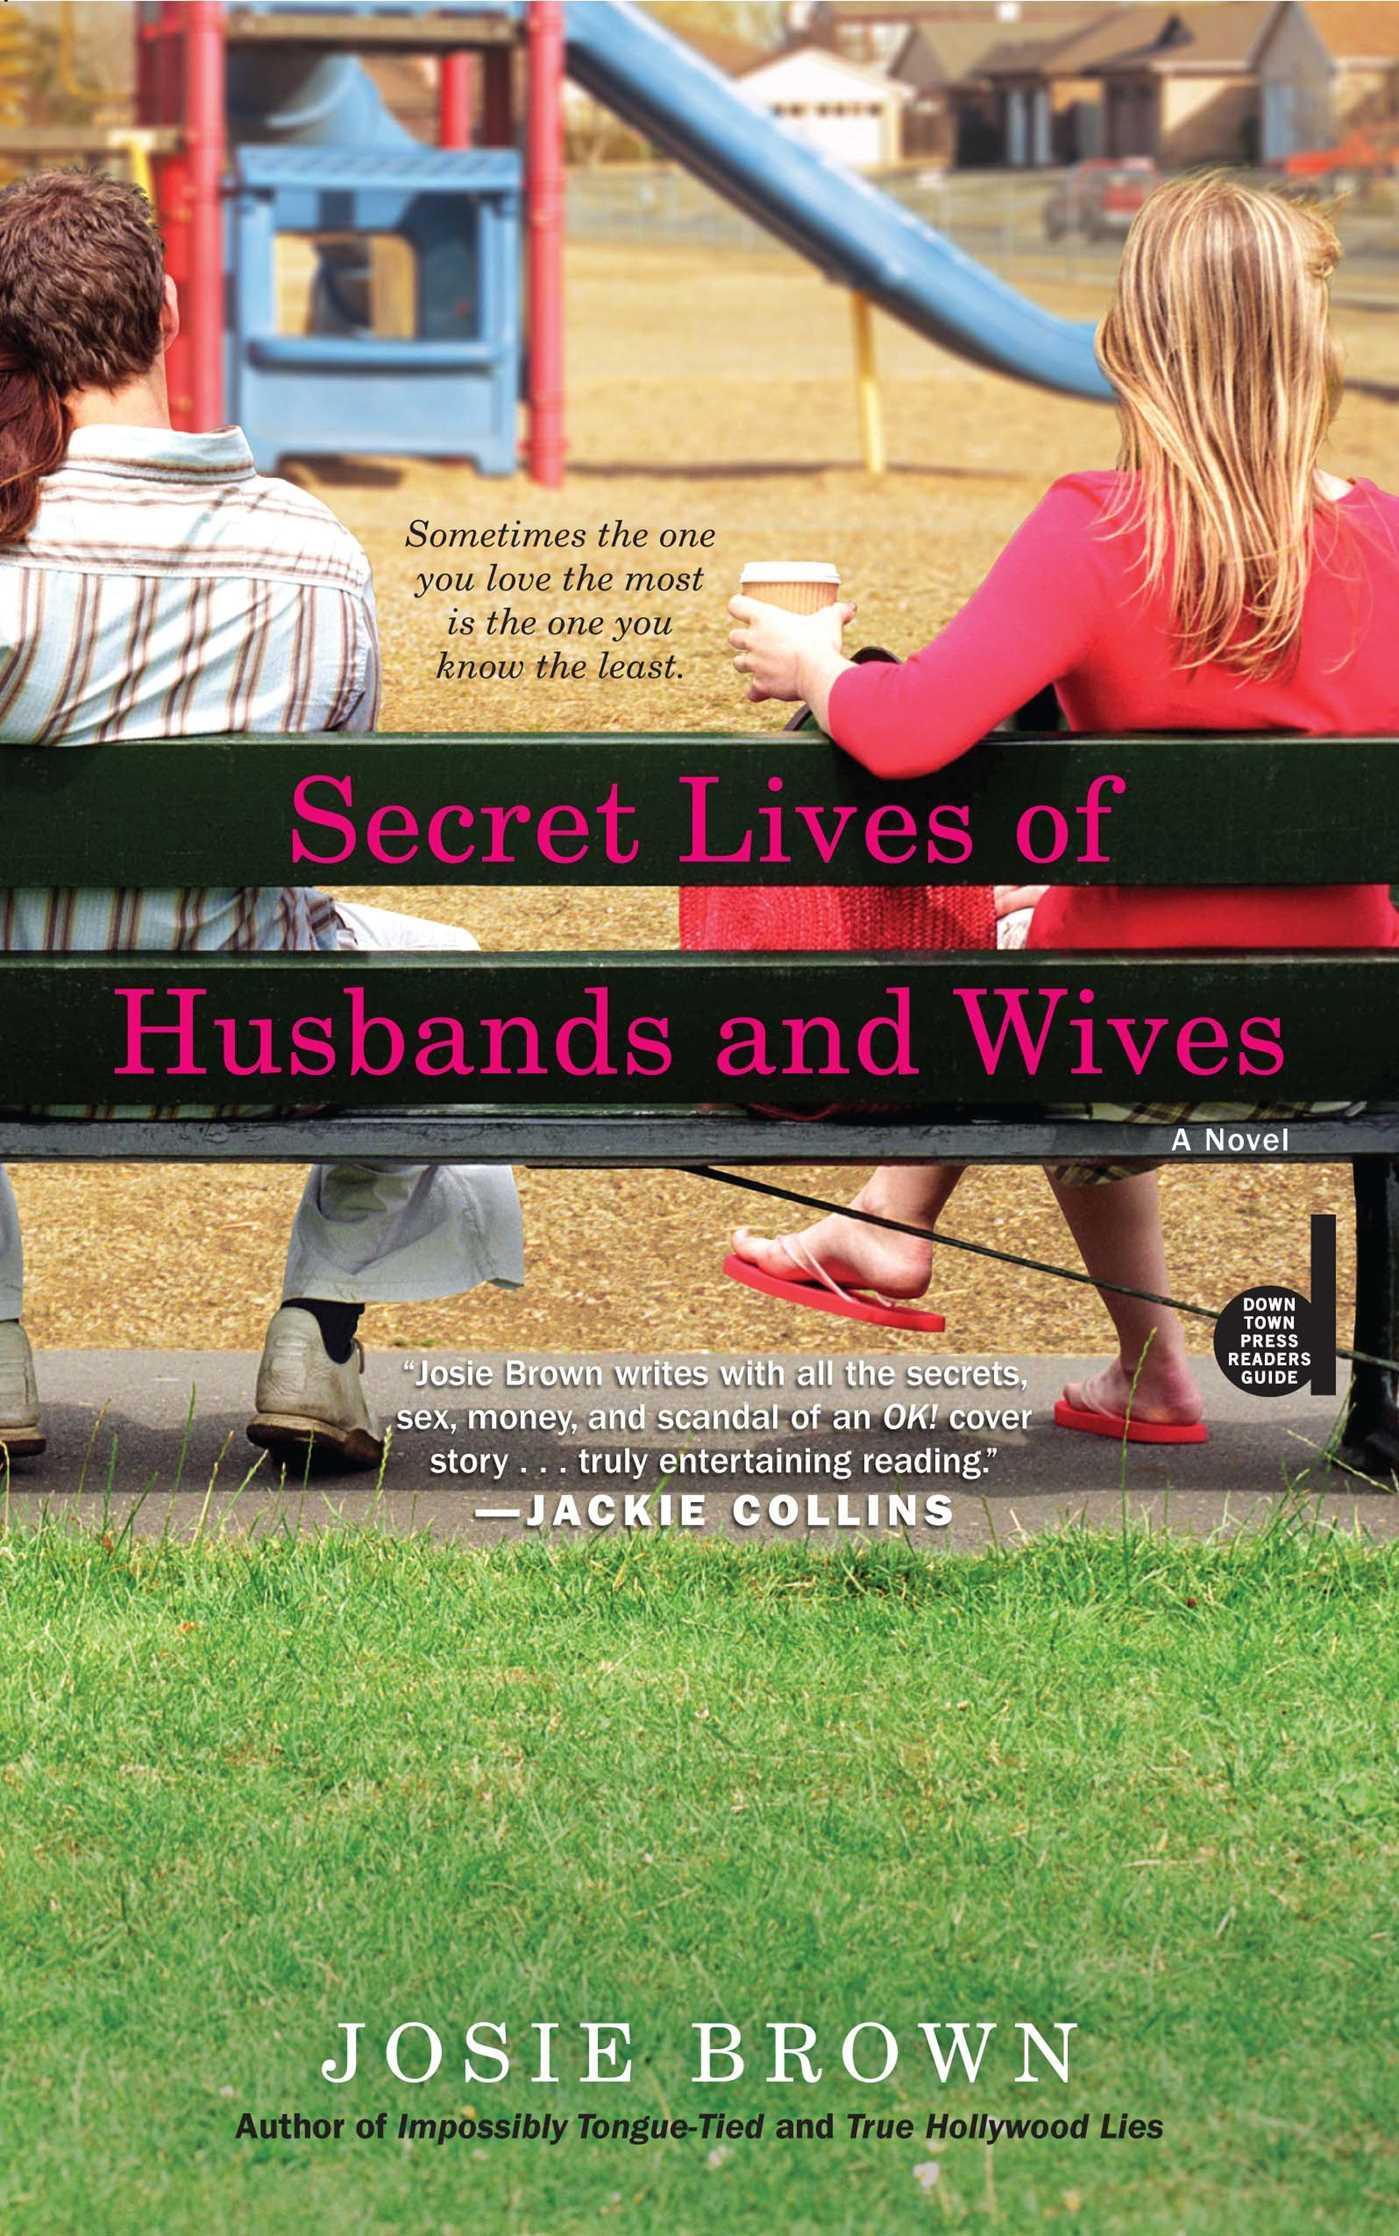 Secret lives of husbands and wives 9781439173176 hr